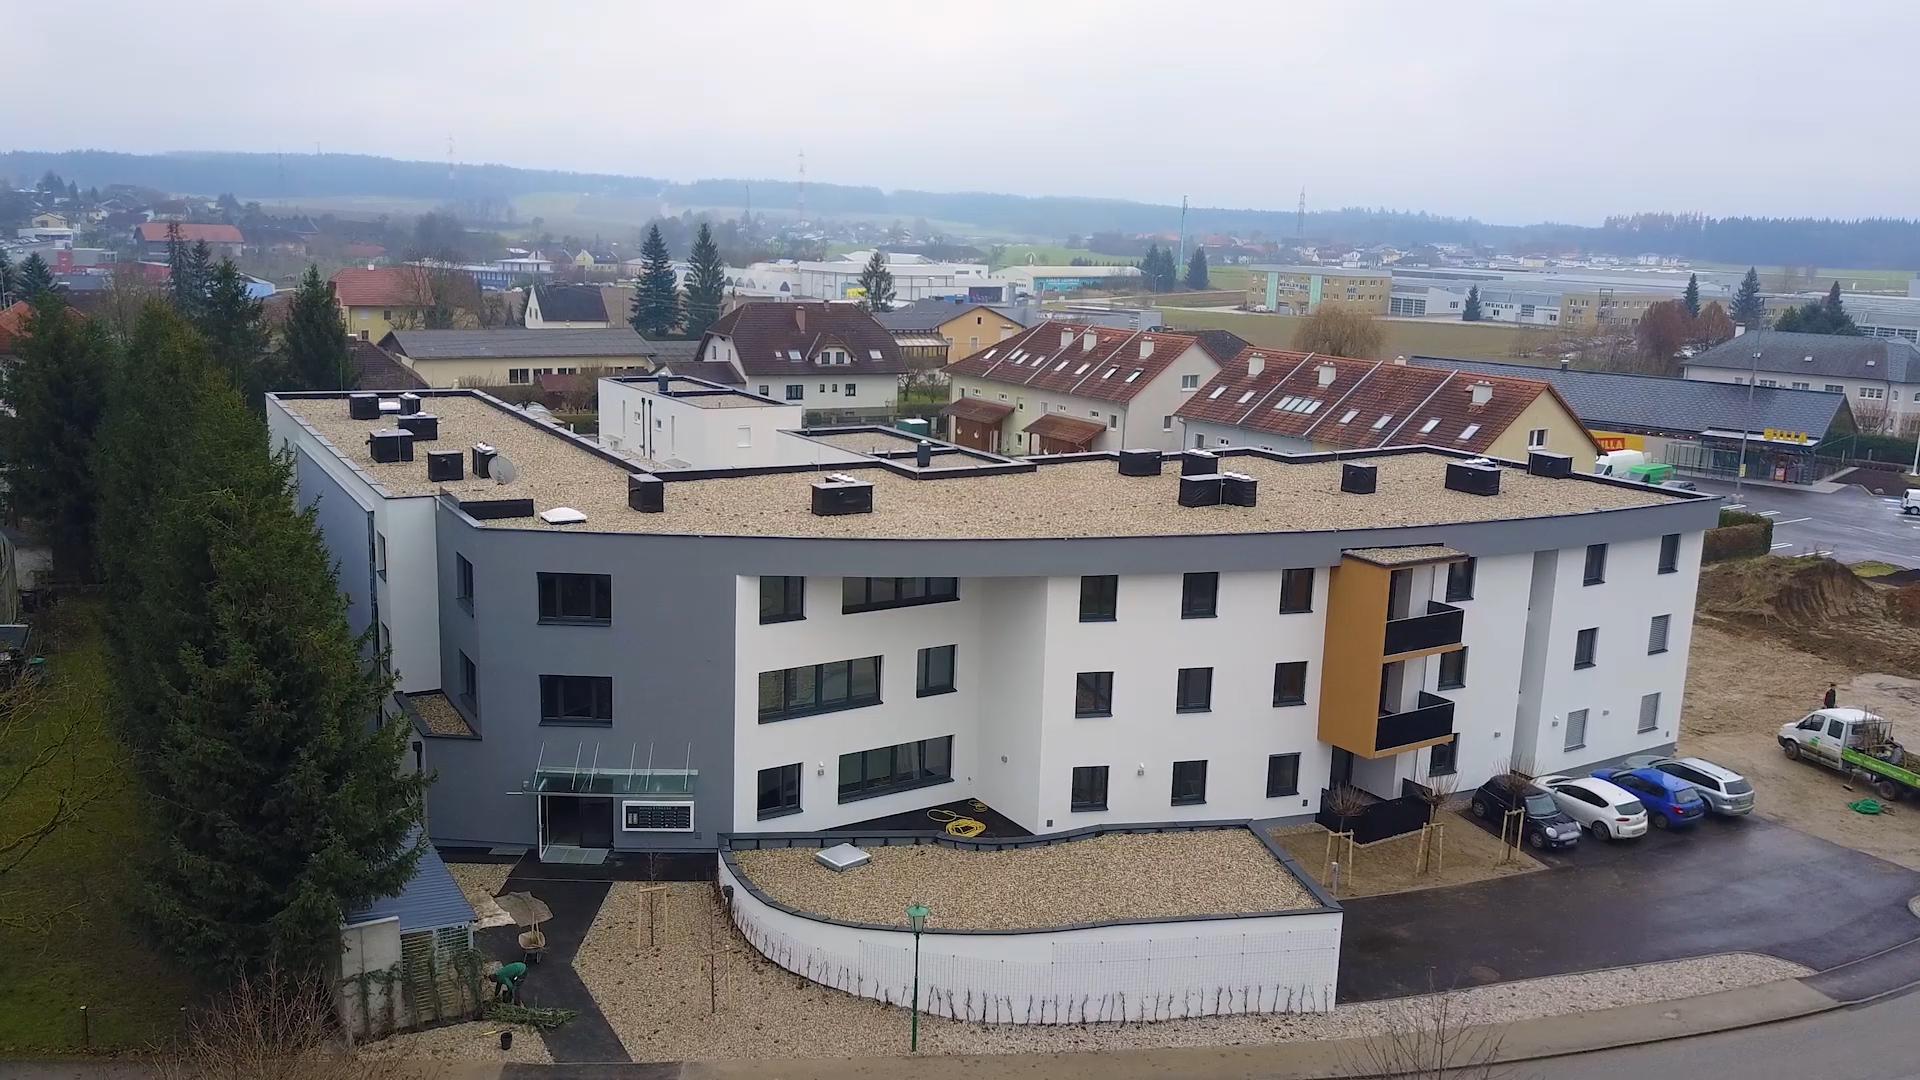 Procon Wohnbau Eroeffnungs- und Kennenlernpunsch